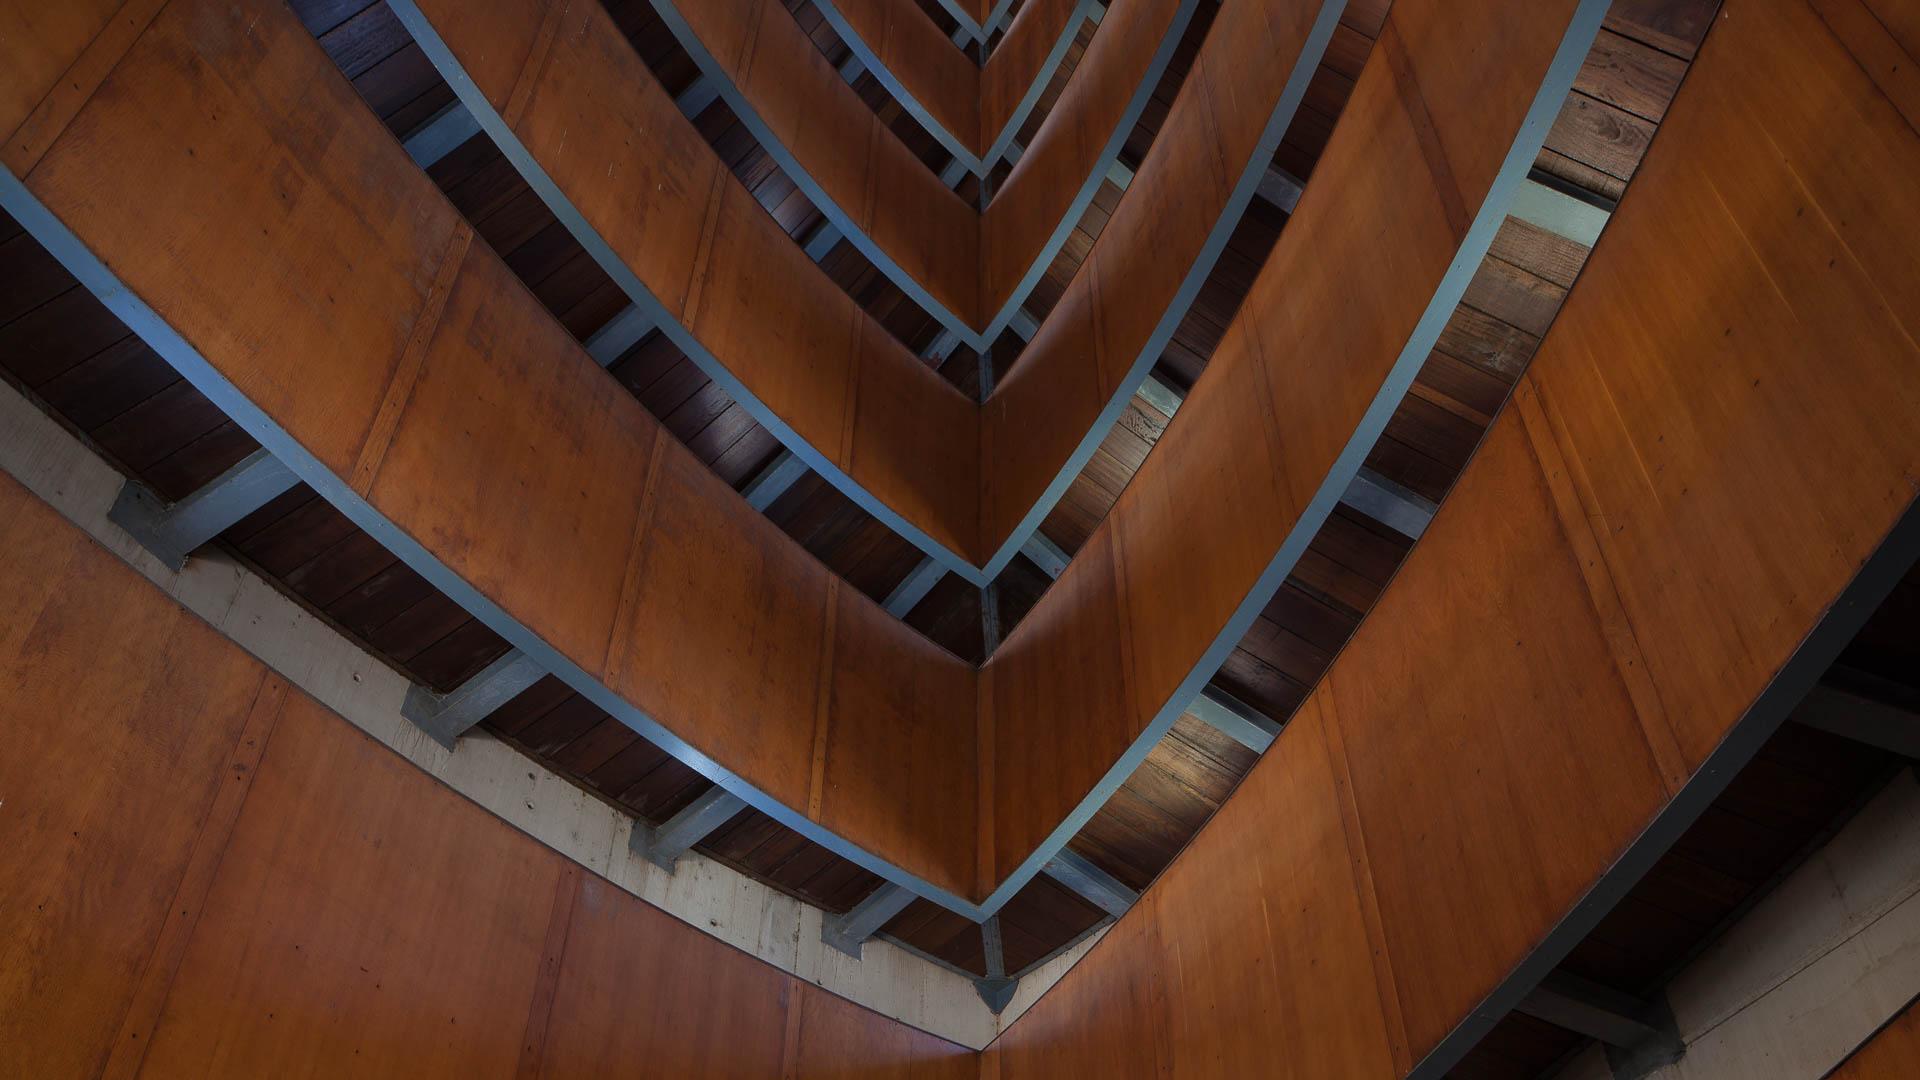 Torre Pabellón Navegación Sevilla - Vazquez Consuegra - Manolo Espaliú Fotografía de Arquitectura